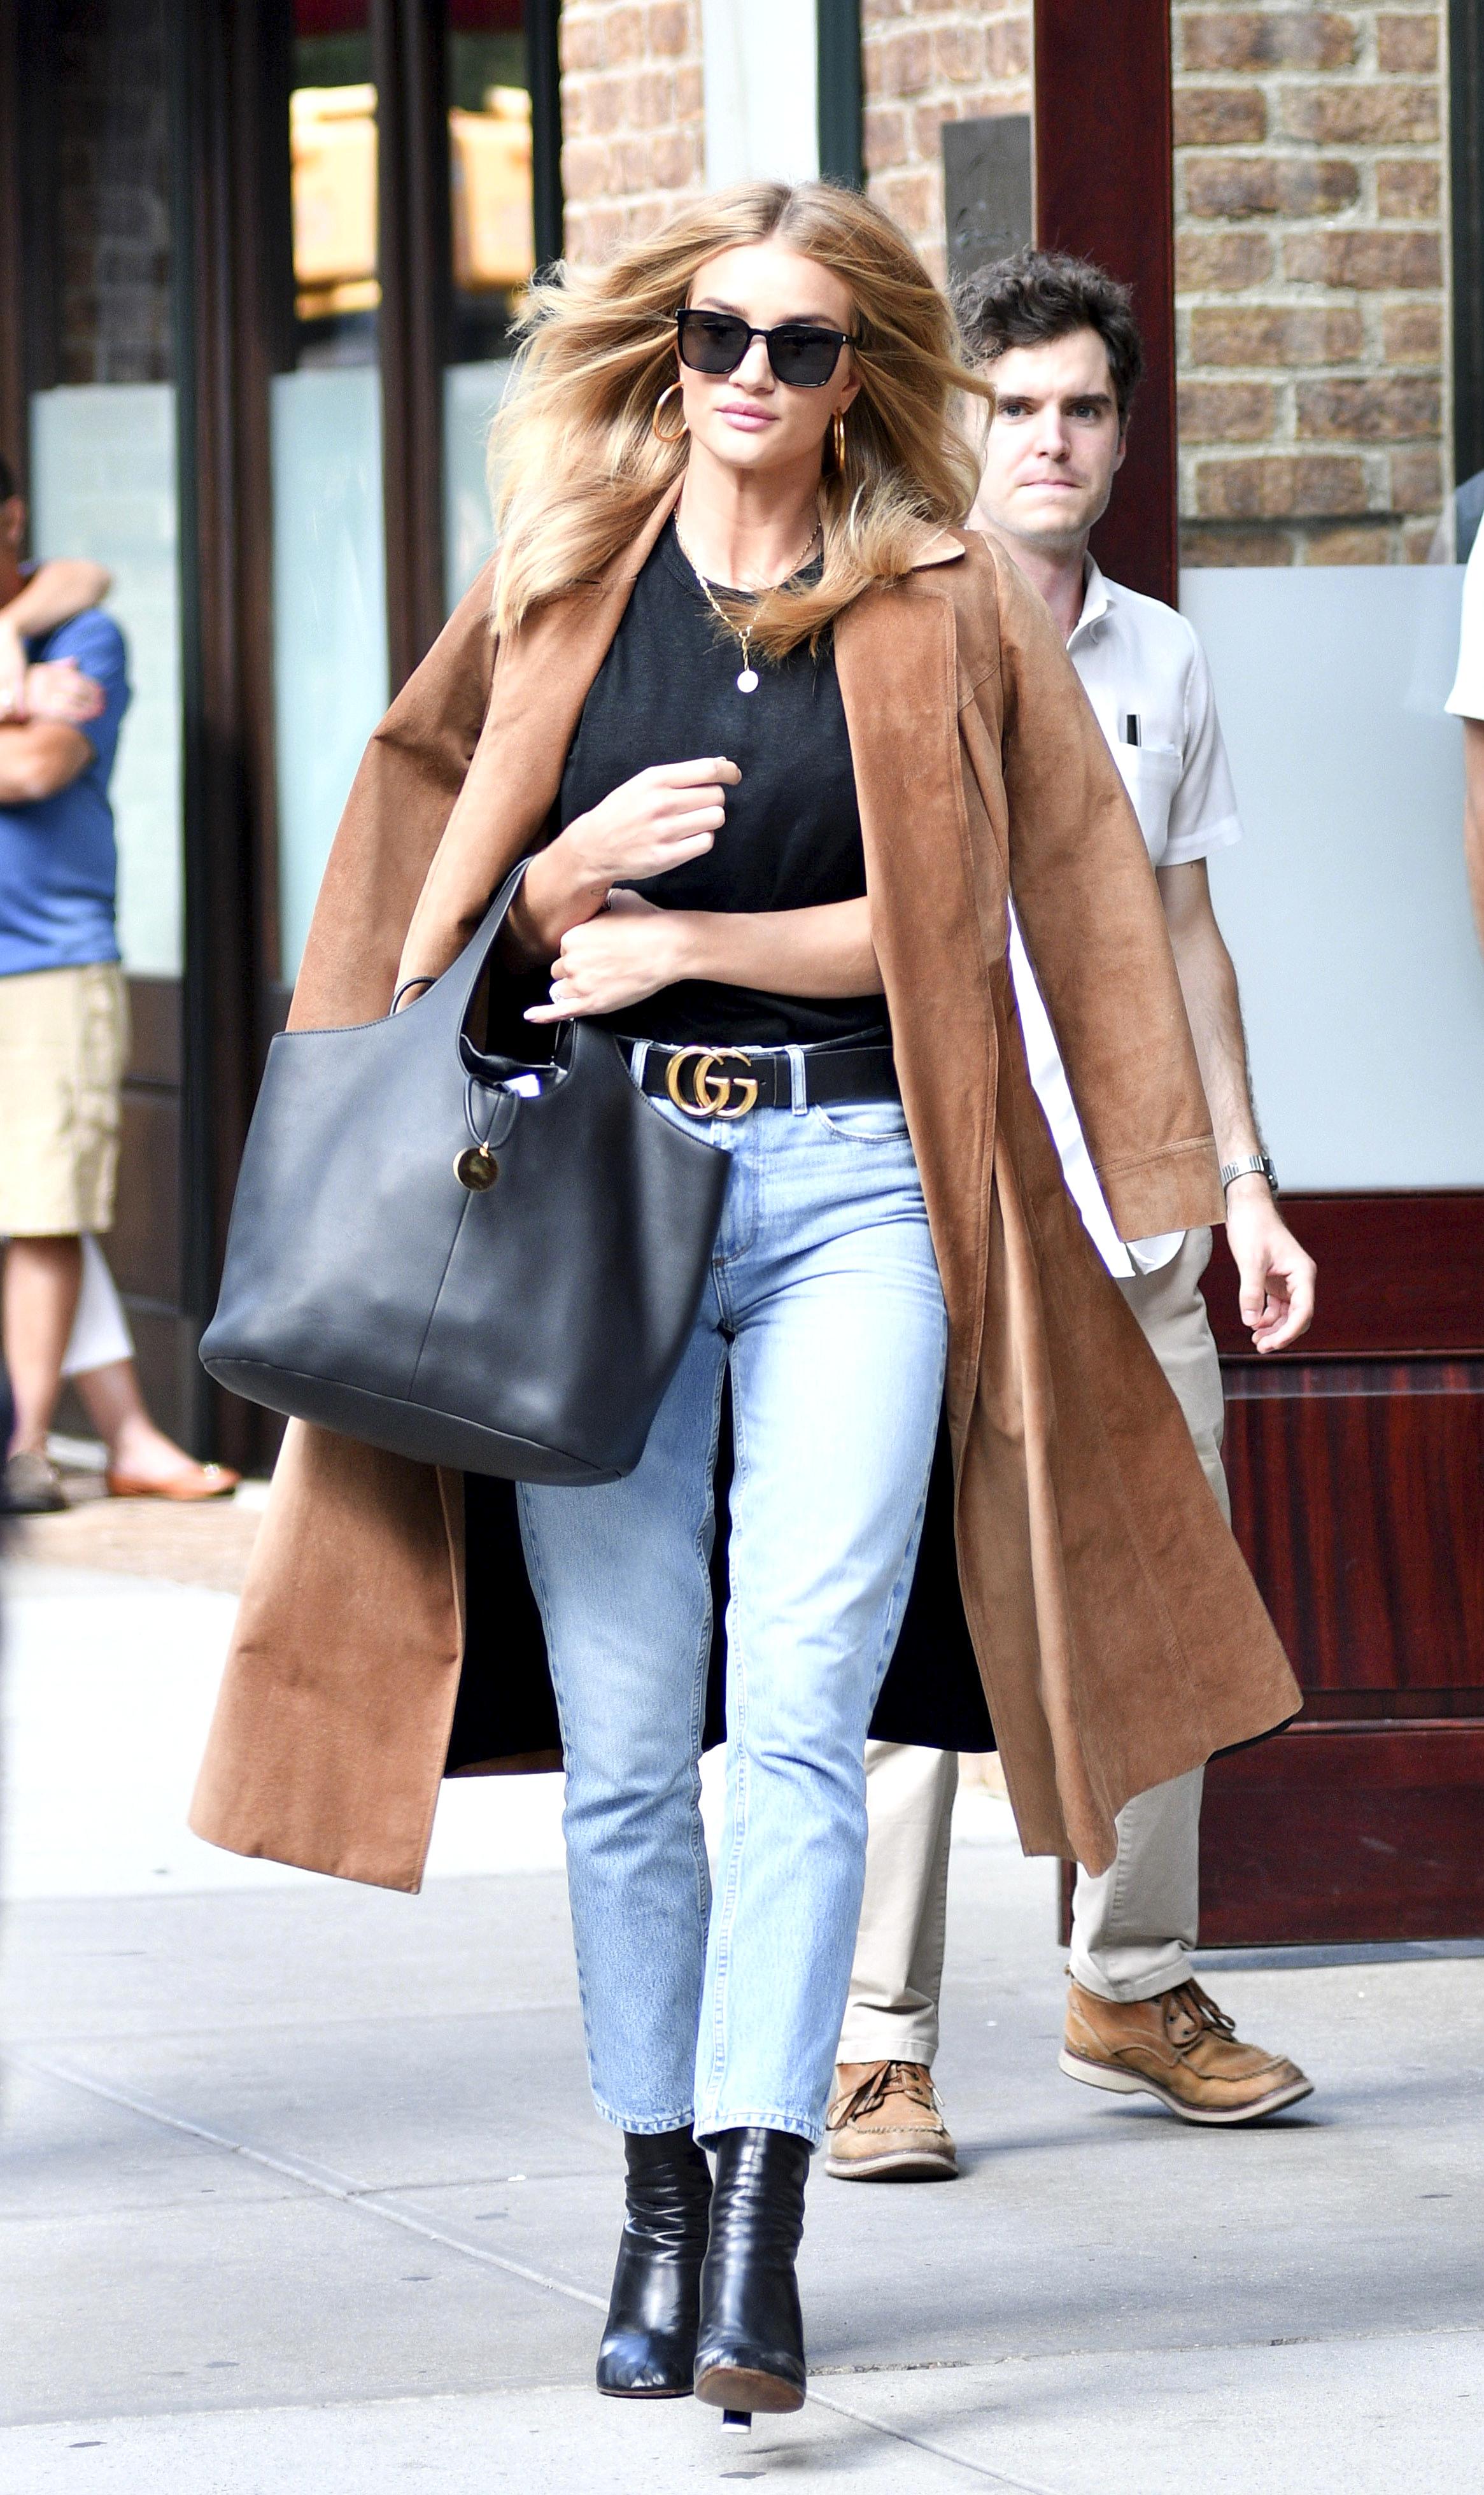 Rosie Huntington-Whiteley trägt den Gucci-Gürtel zu einem Basic Outfit